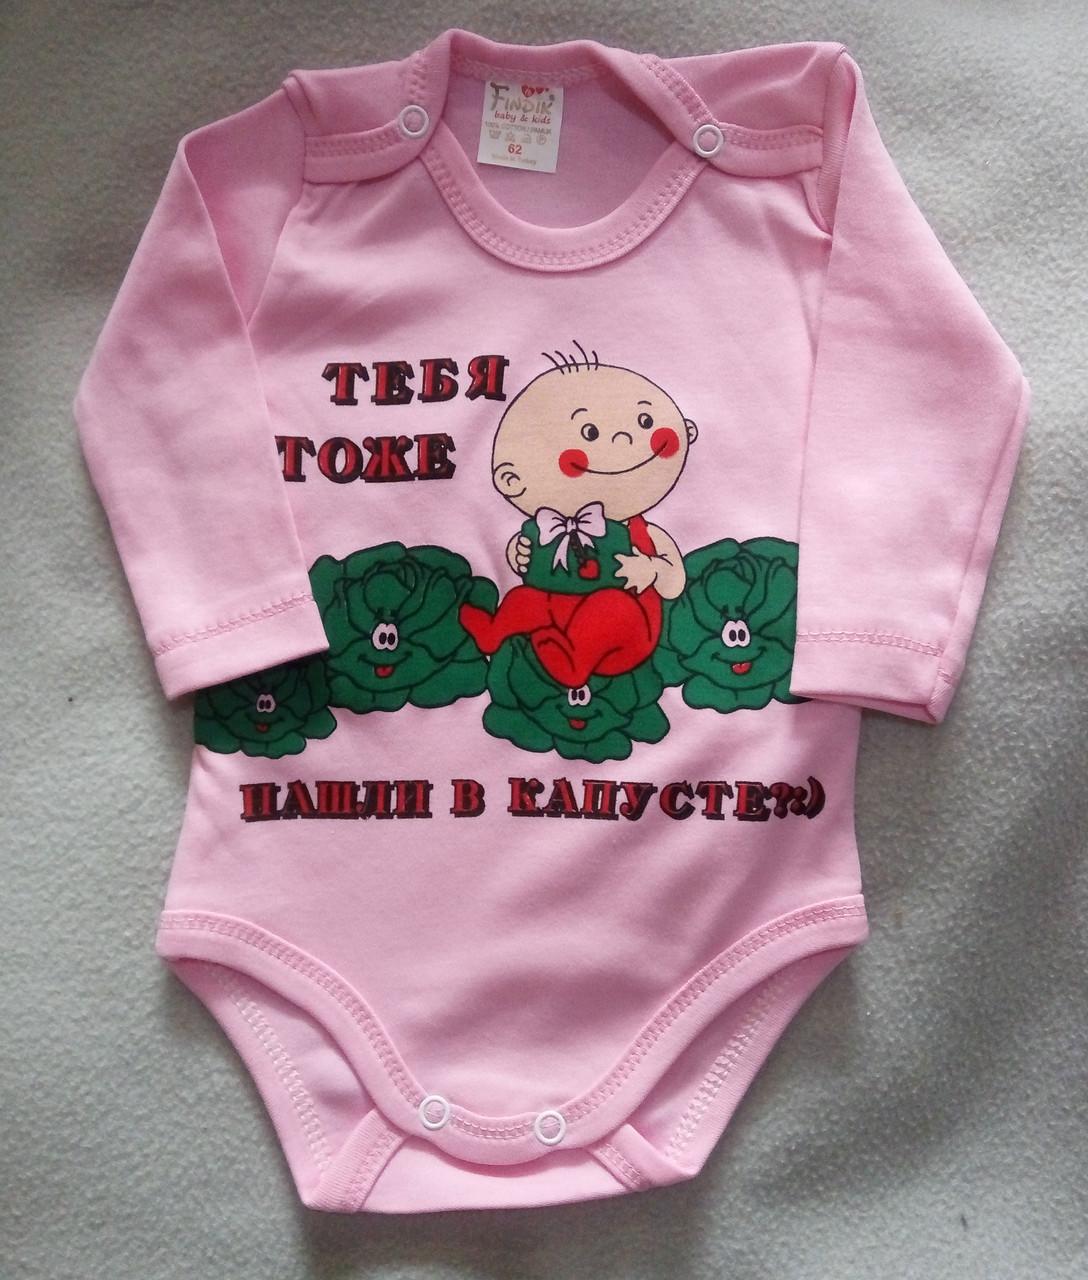 Боди для новорожденных 62-86 , «Тебя тоже нашли в капусте», с длинным рукавом, для девочек, Турция, оптом